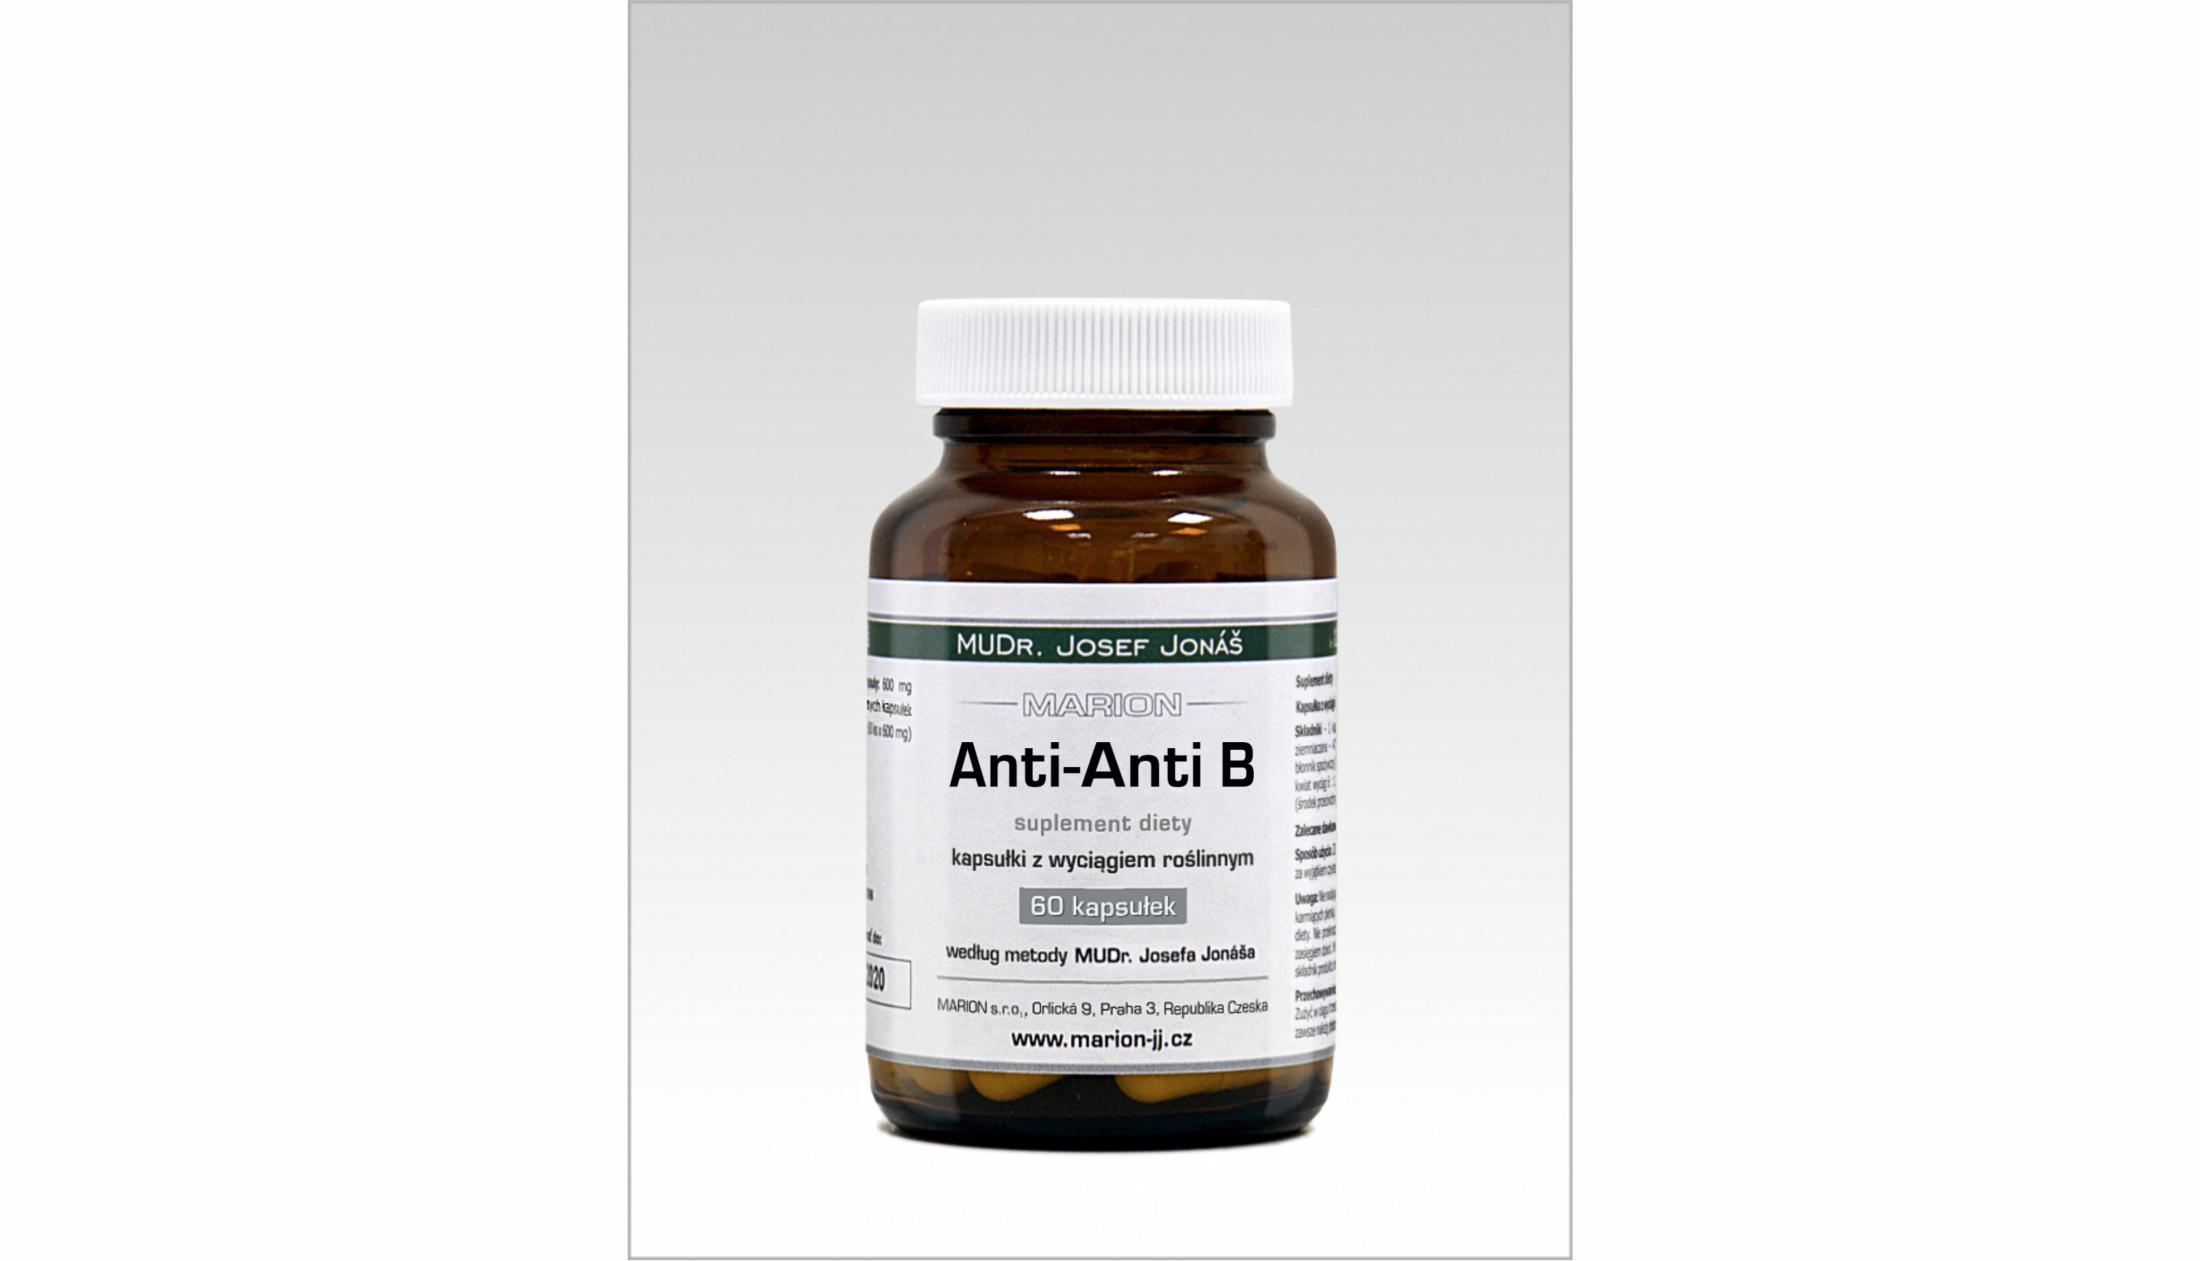 Detoksykacja-Marion-preparat-Anti Anti B